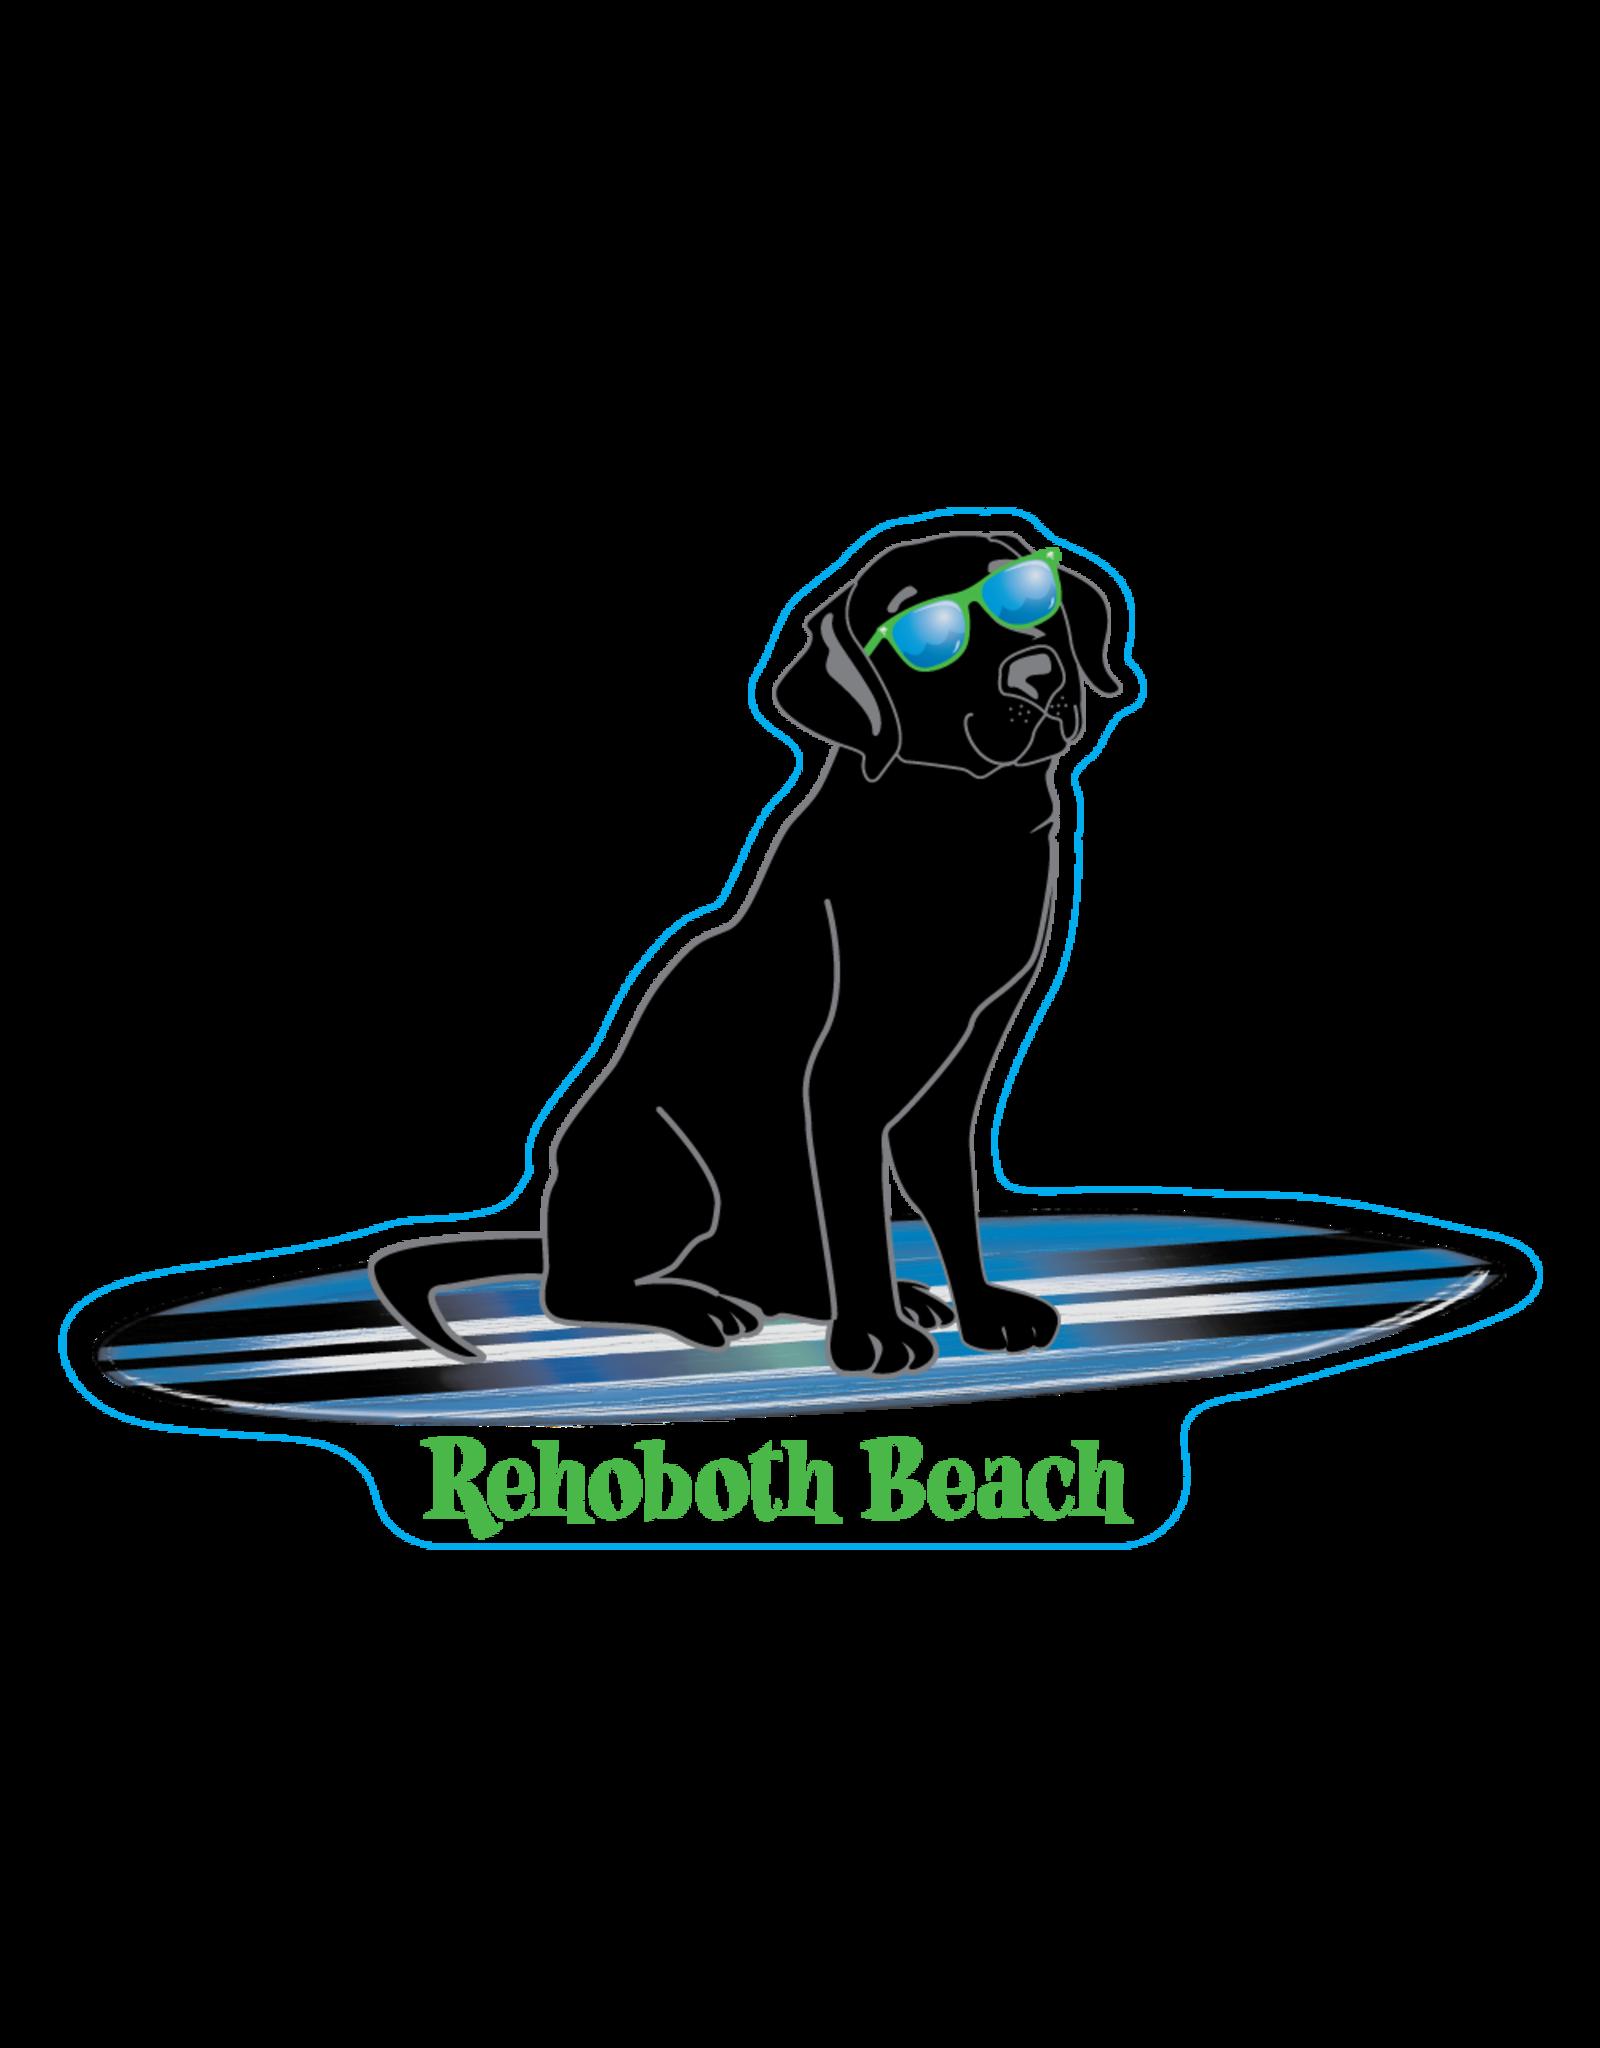 BLUE 84 BEACH STICKER HOLLER BACK SURFING BLACK LAB